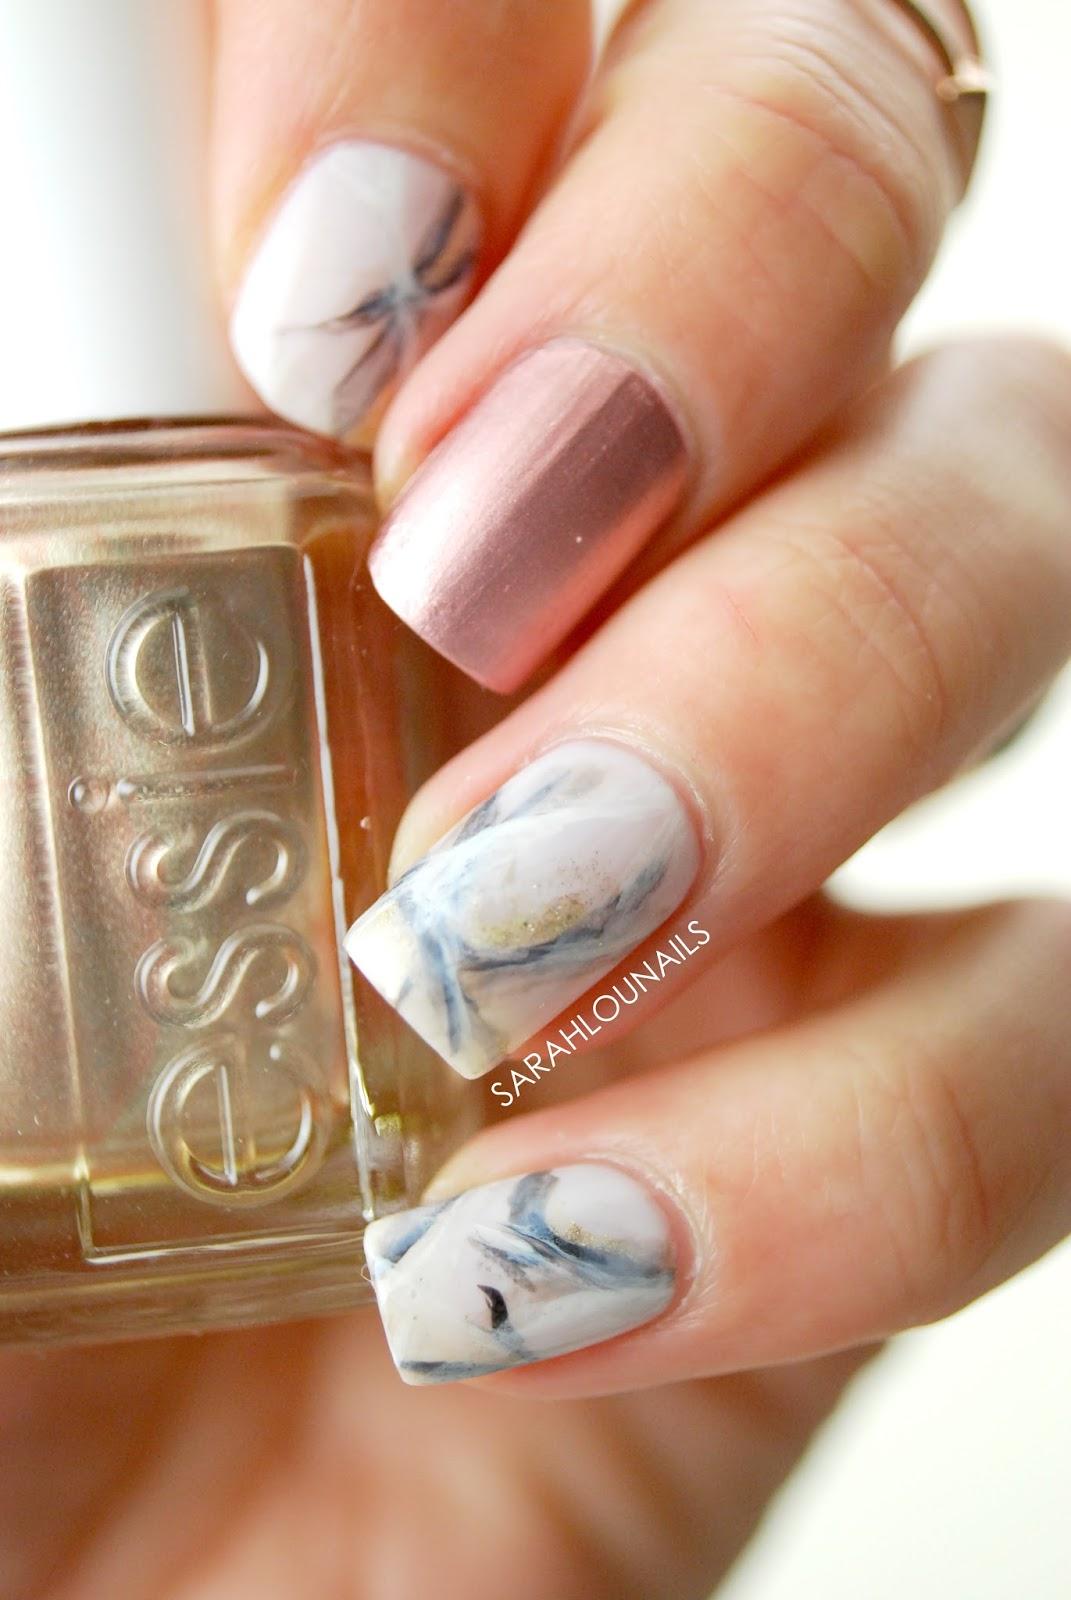 Sarah Lou Nails: Rose Gold Marble Nails!